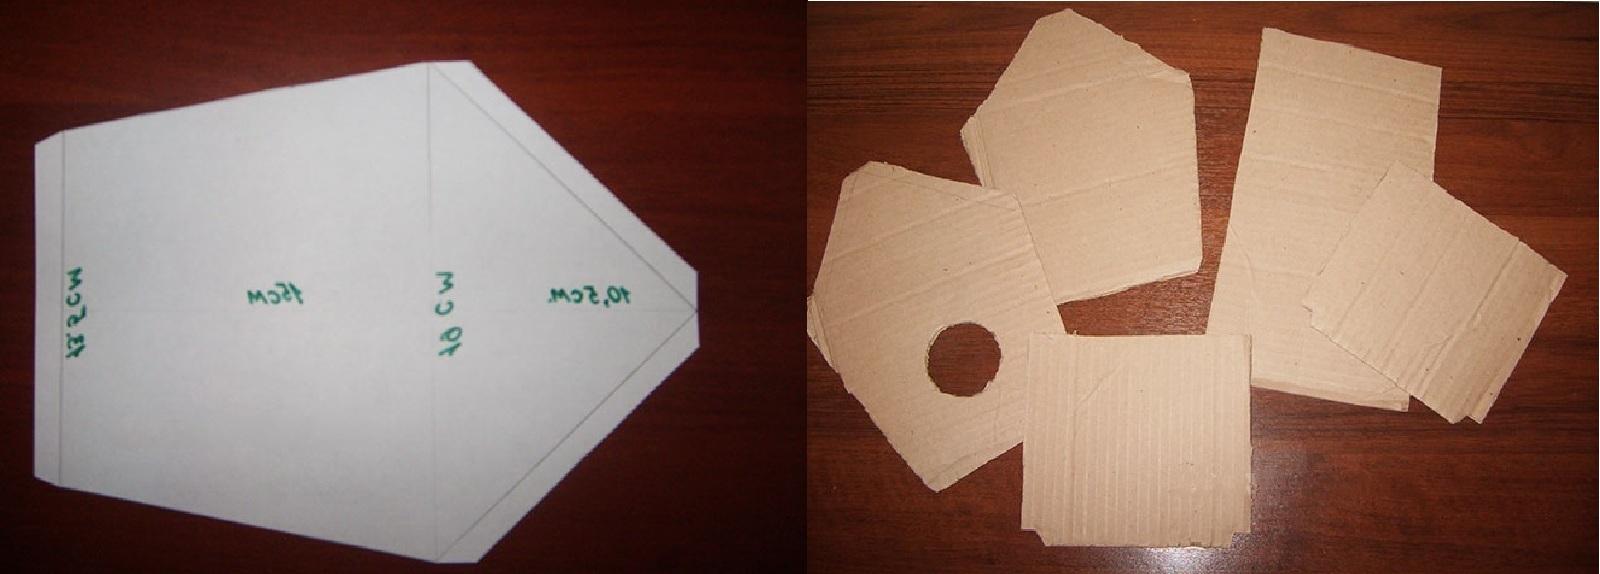 делаем заготовки из картона